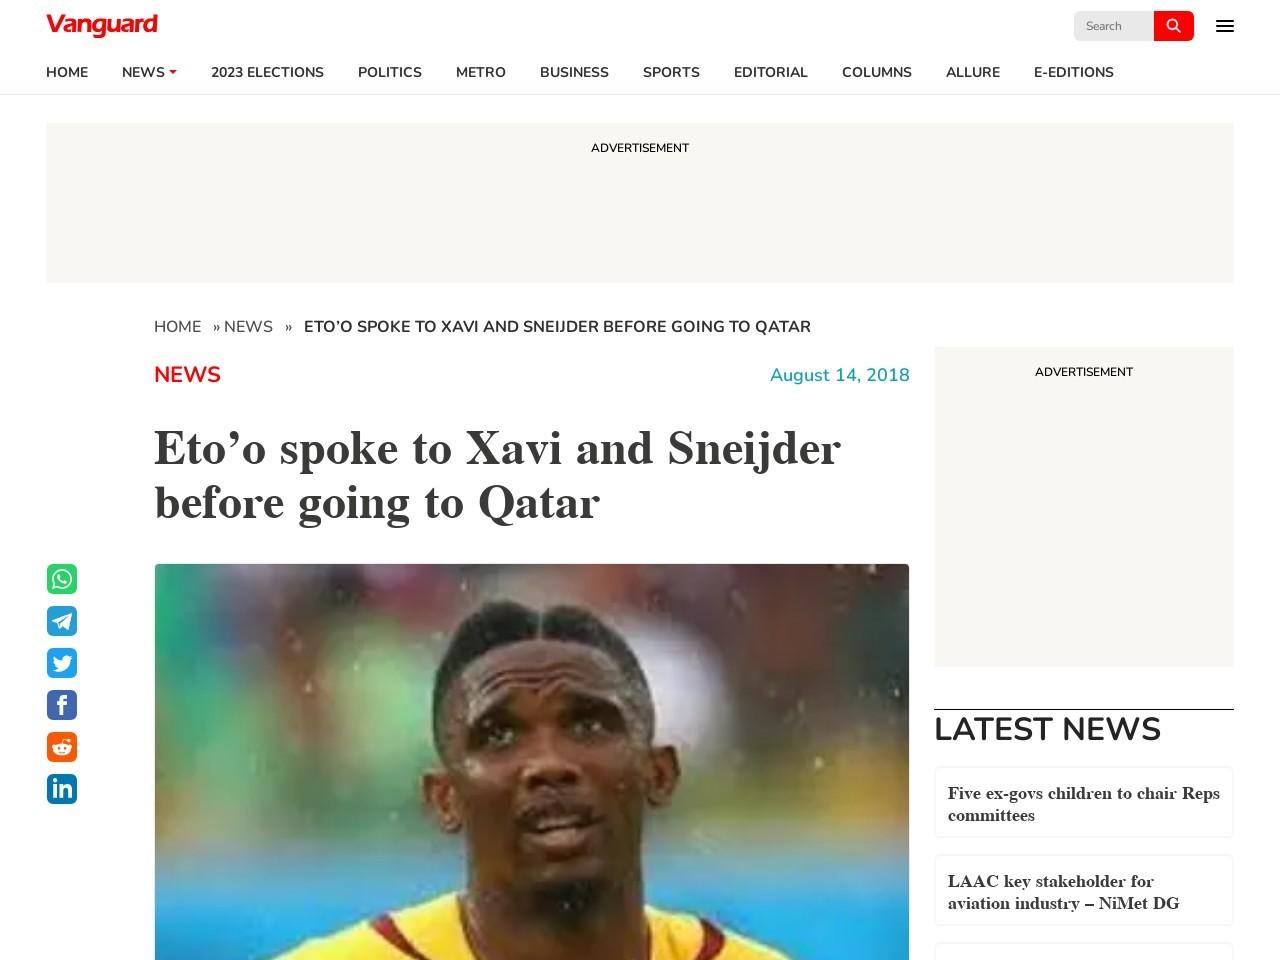 Eto'o spoke to Xavi and Sneijder before going to Qatar